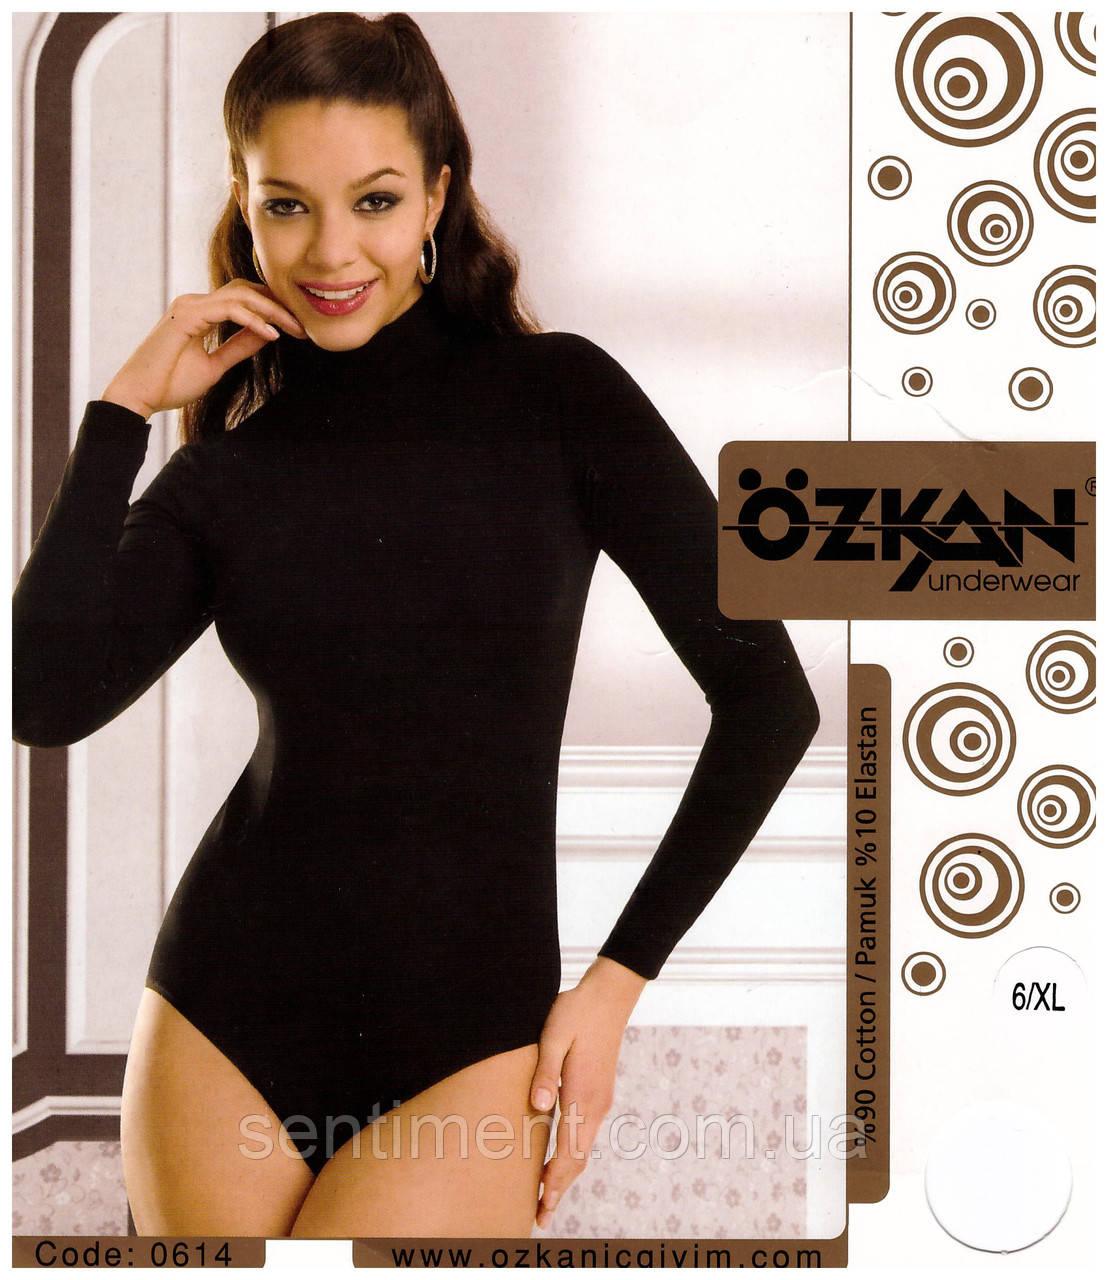 Боди женское с длинным рукавом. OZKAN 0614. Розница и опт.